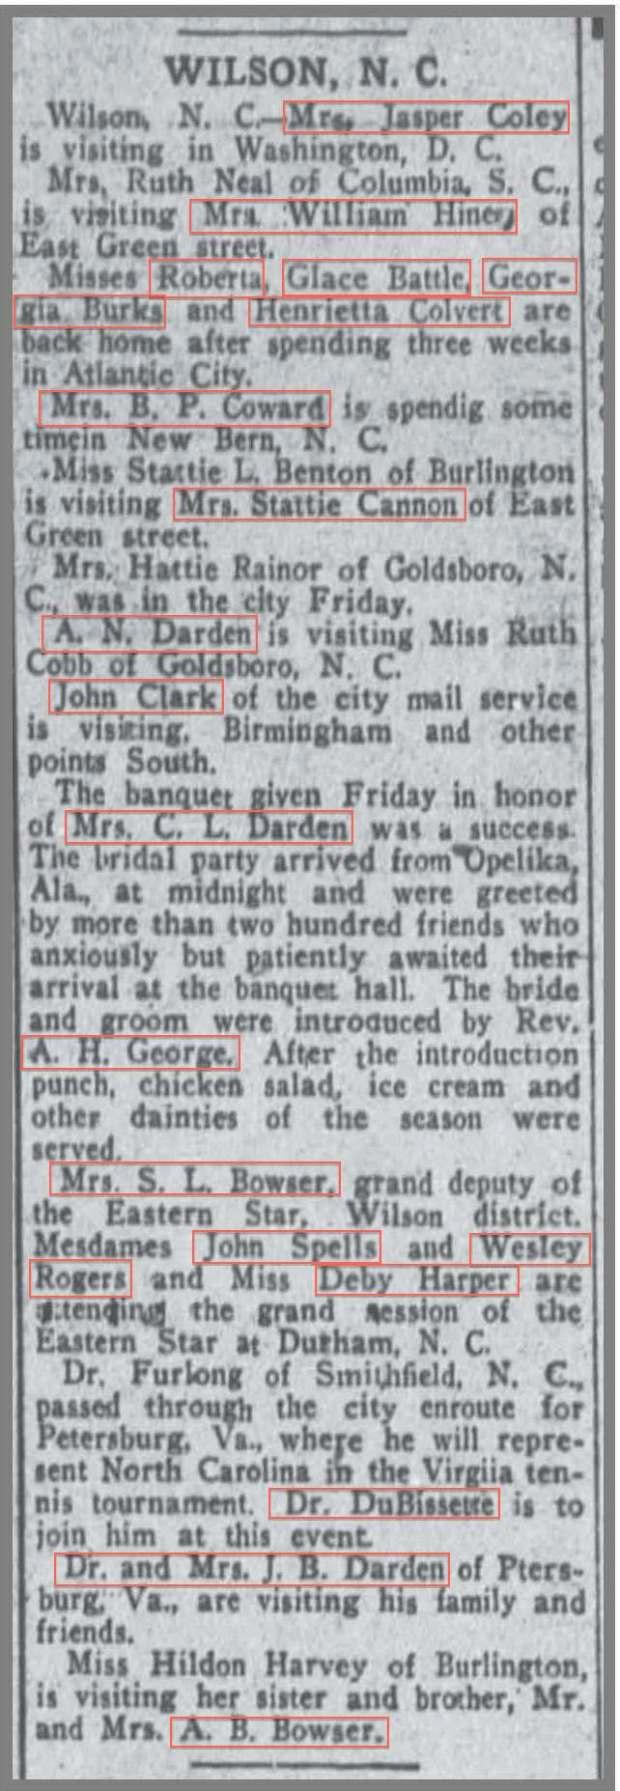 NY_Age_9_9_1922_H_Colvert_visits_Atl_City